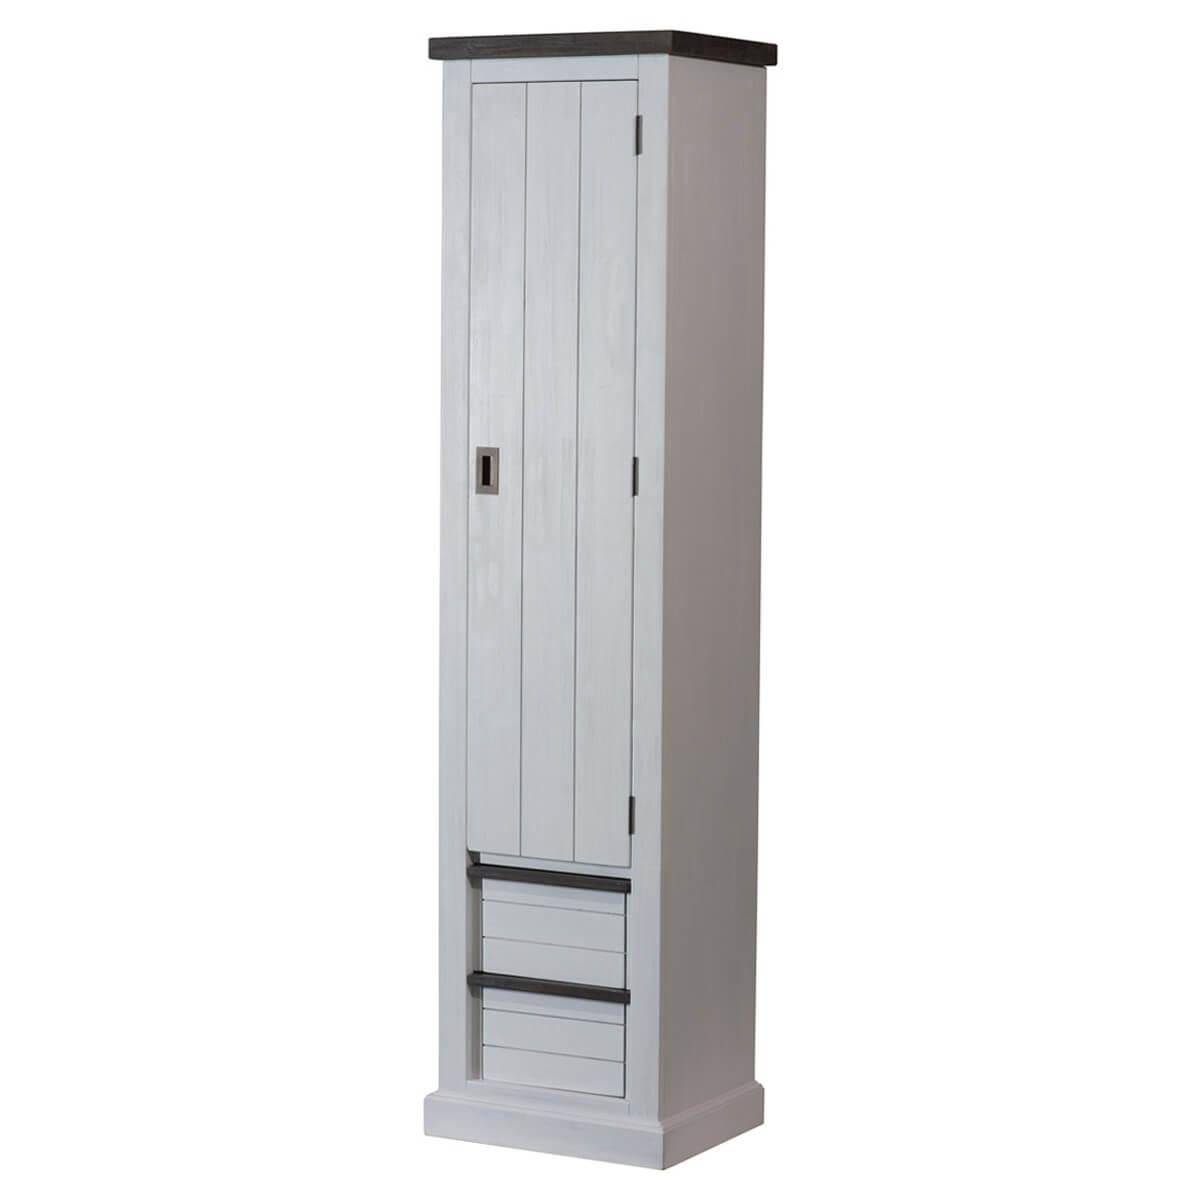 garderobenschrank dielenschrank schrank massivholz landhaus wei braun neu ebay. Black Bedroom Furniture Sets. Home Design Ideas